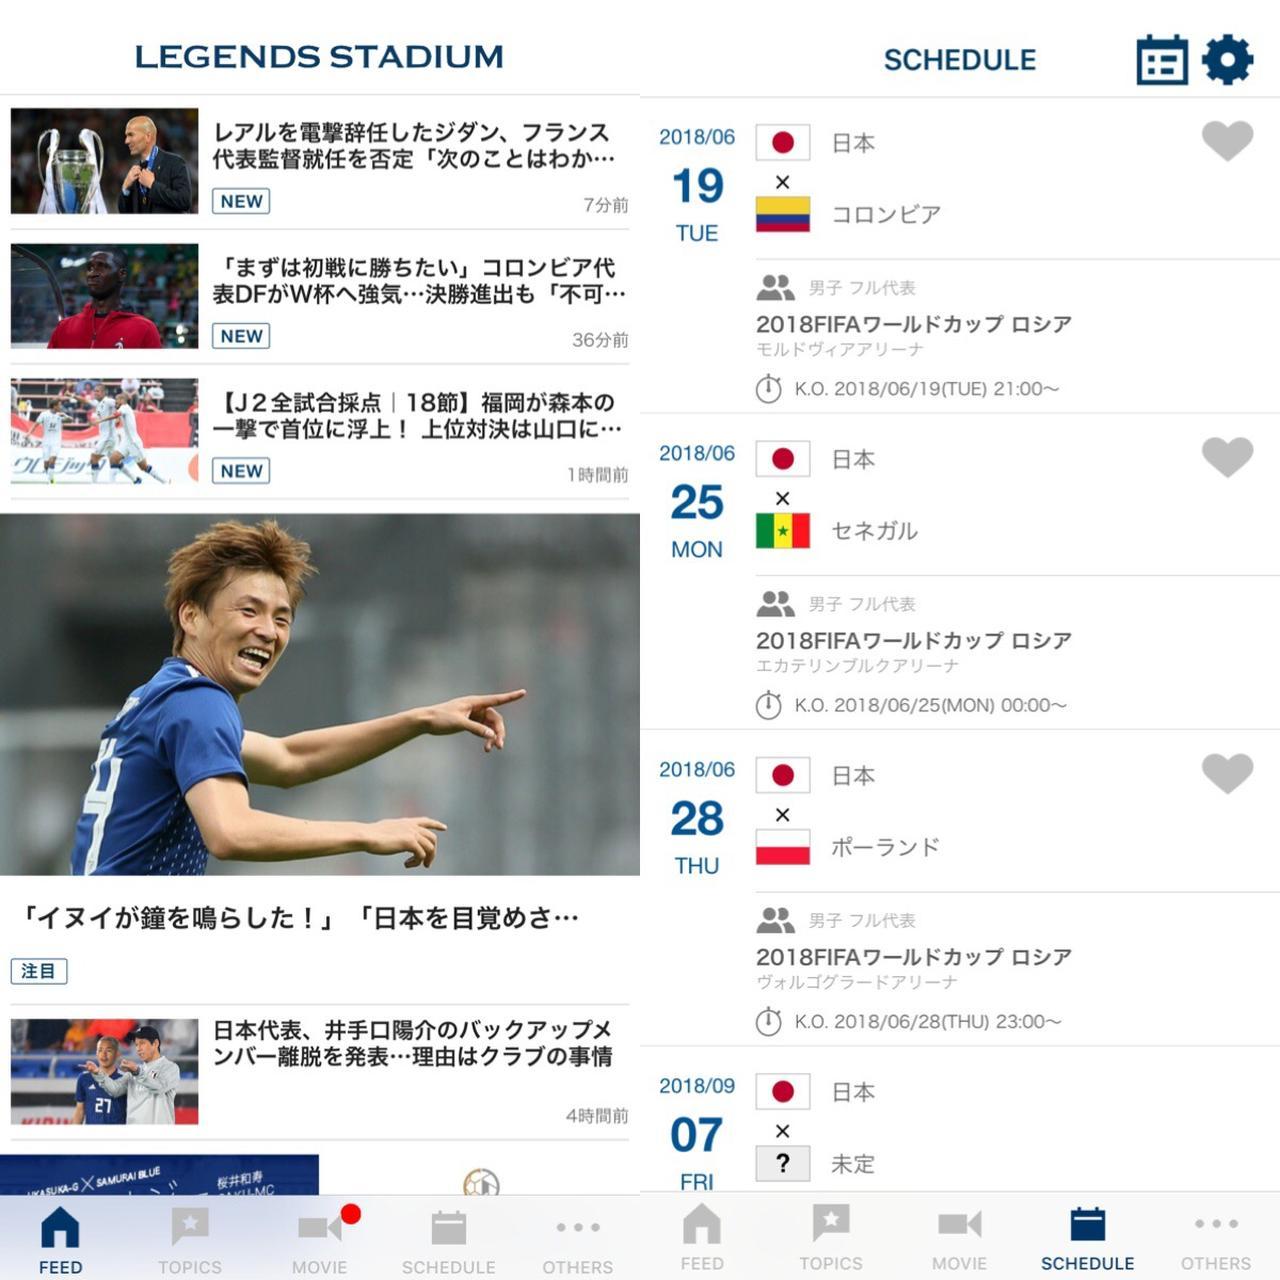 画像1: 日本のアプリなら『サッカー動画・サッカーニュース試合速報 レジェンドスタジアム』が便利!